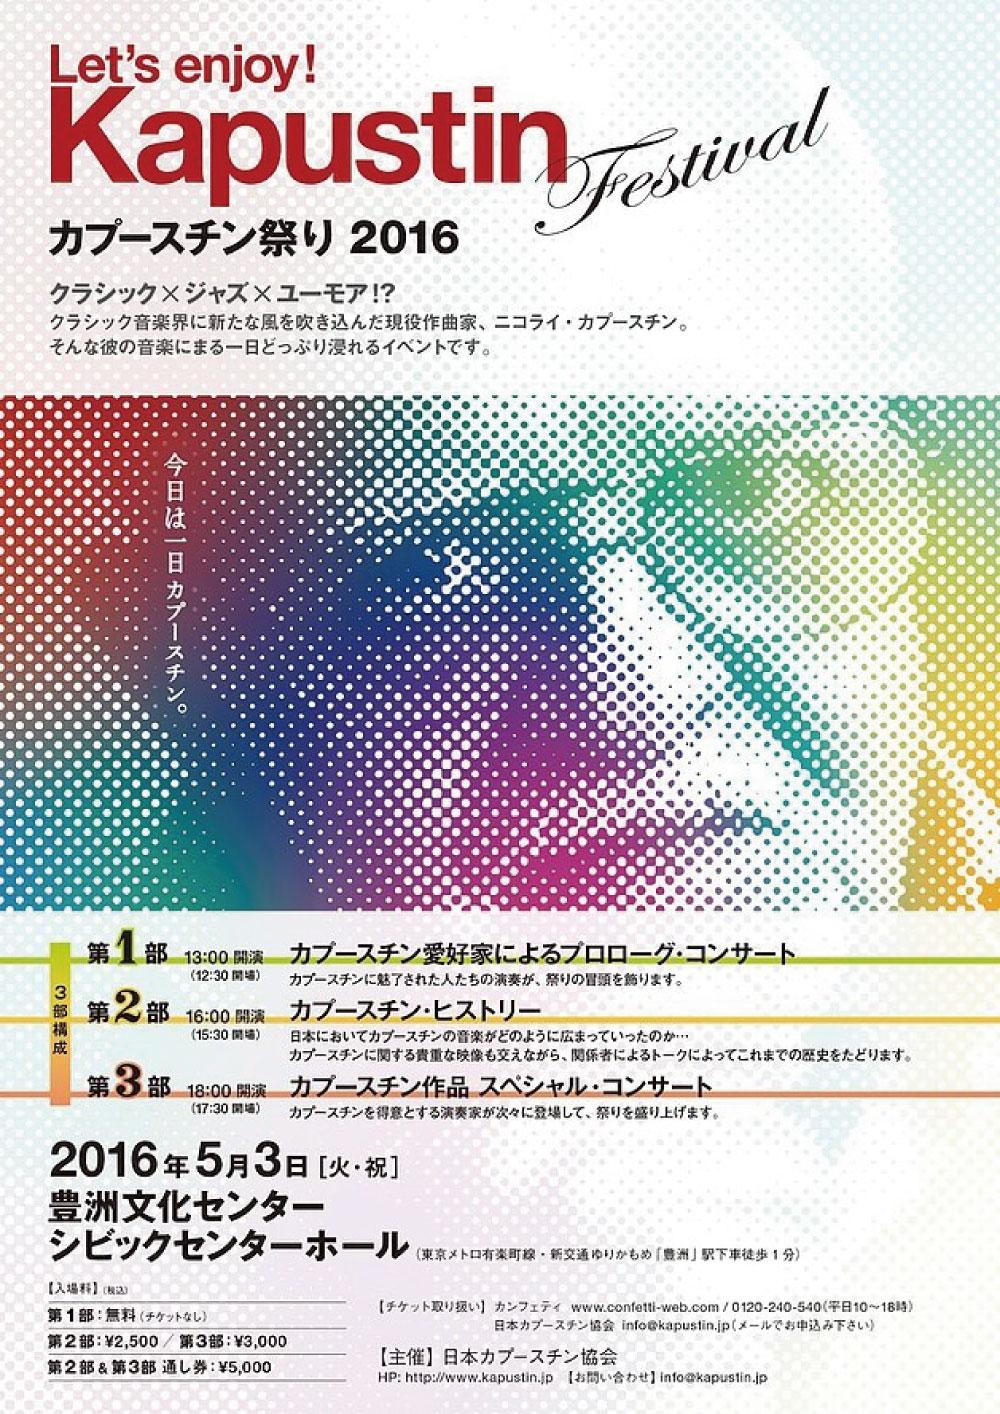 2016年5月3日(火) カプースチン祭り2016